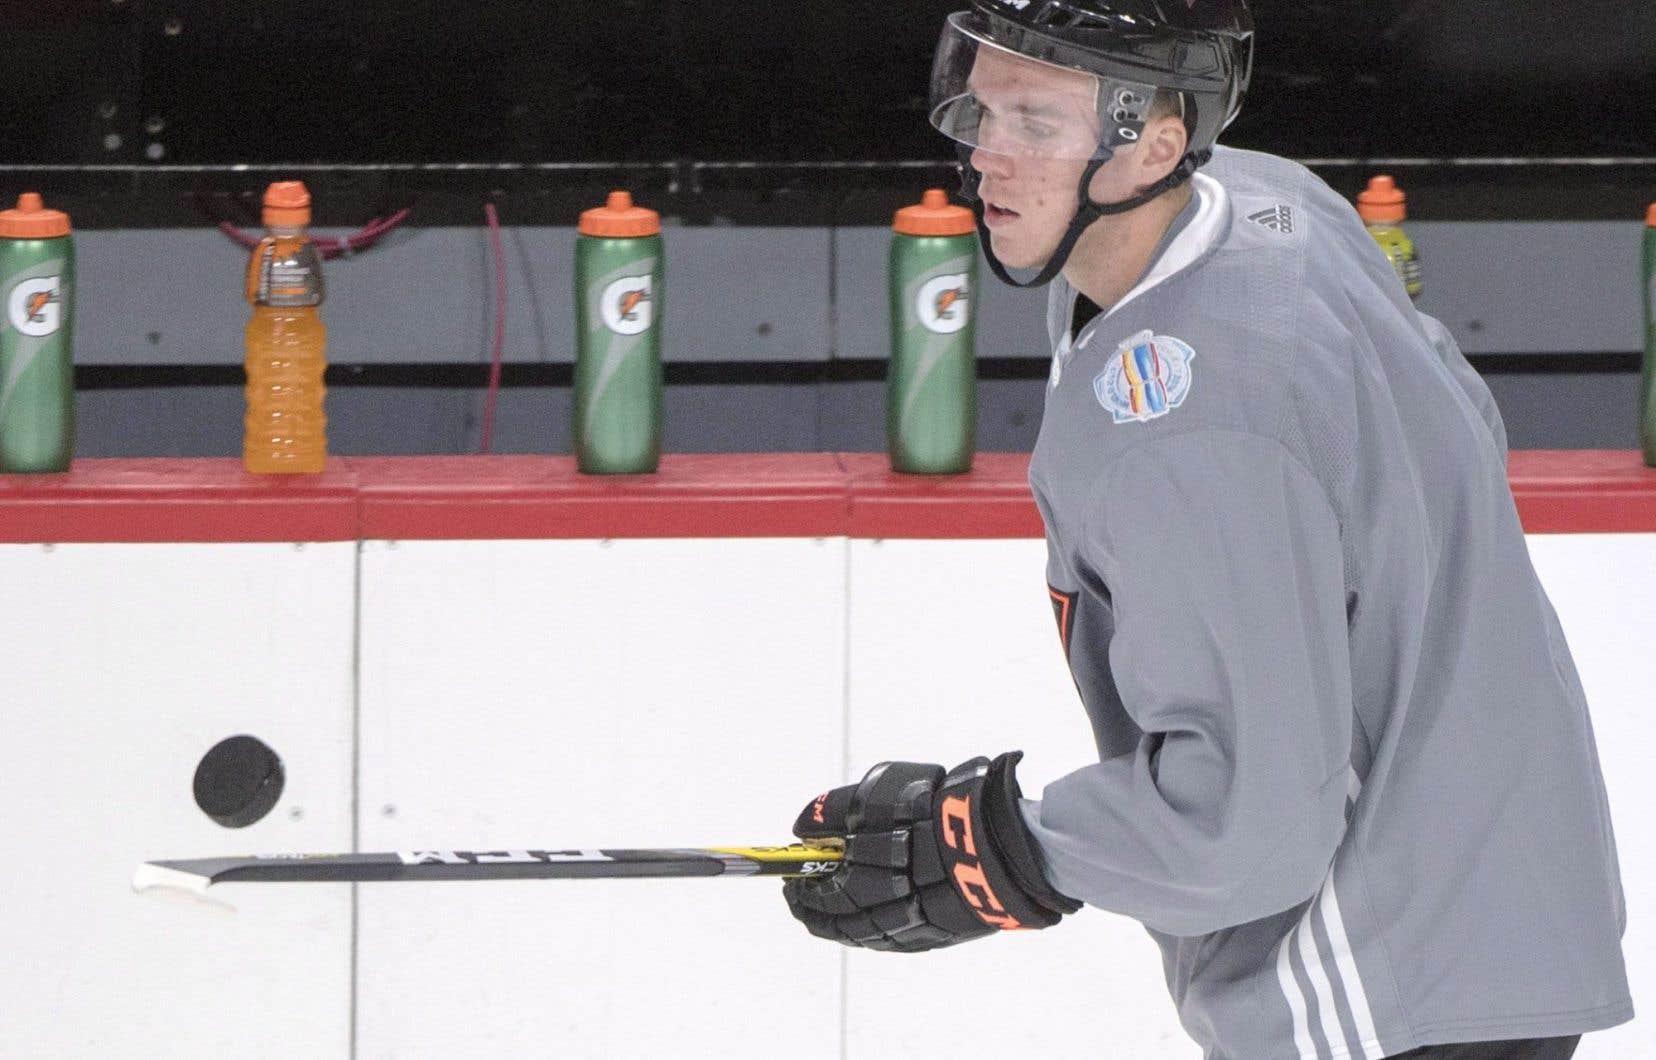 Âgé de 19 ans, McDavid a amassé 16 buts et 48 points en 45 matchs avec les Oilers lors de sa première saison dans la Ligue nationale de hockey.